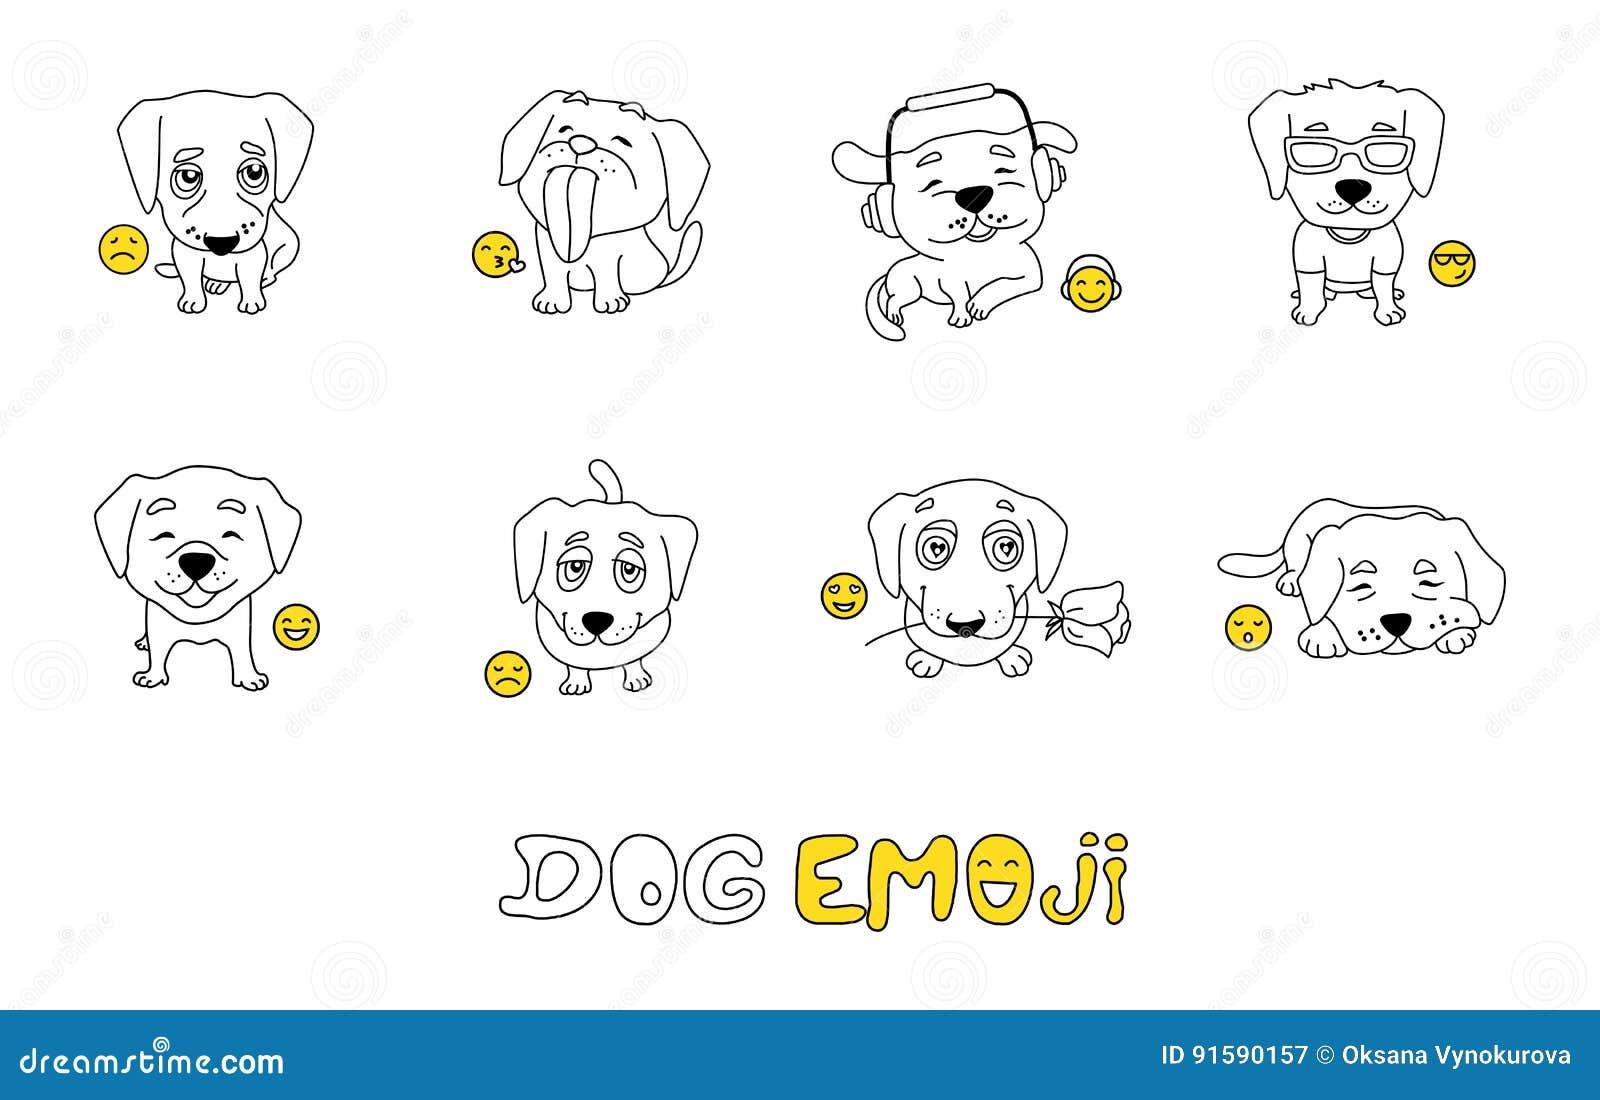 Sistema De Emojis Con El Perro Lindo Para Colorear Ilustración del ...